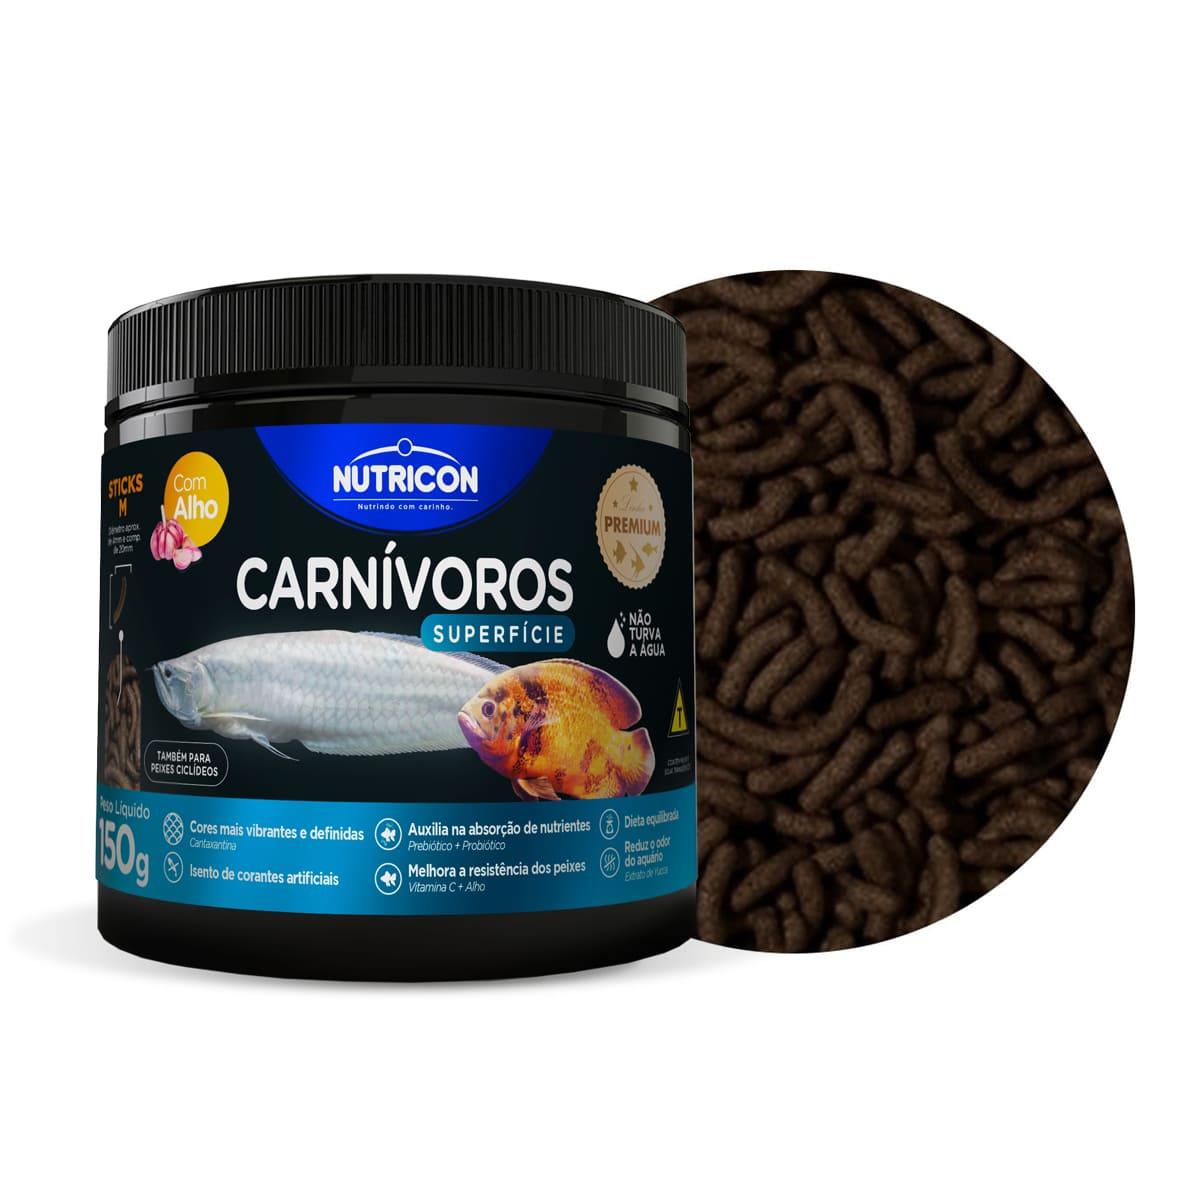 Ração Nutricon Carnivoros Superficie com Alho M -150g